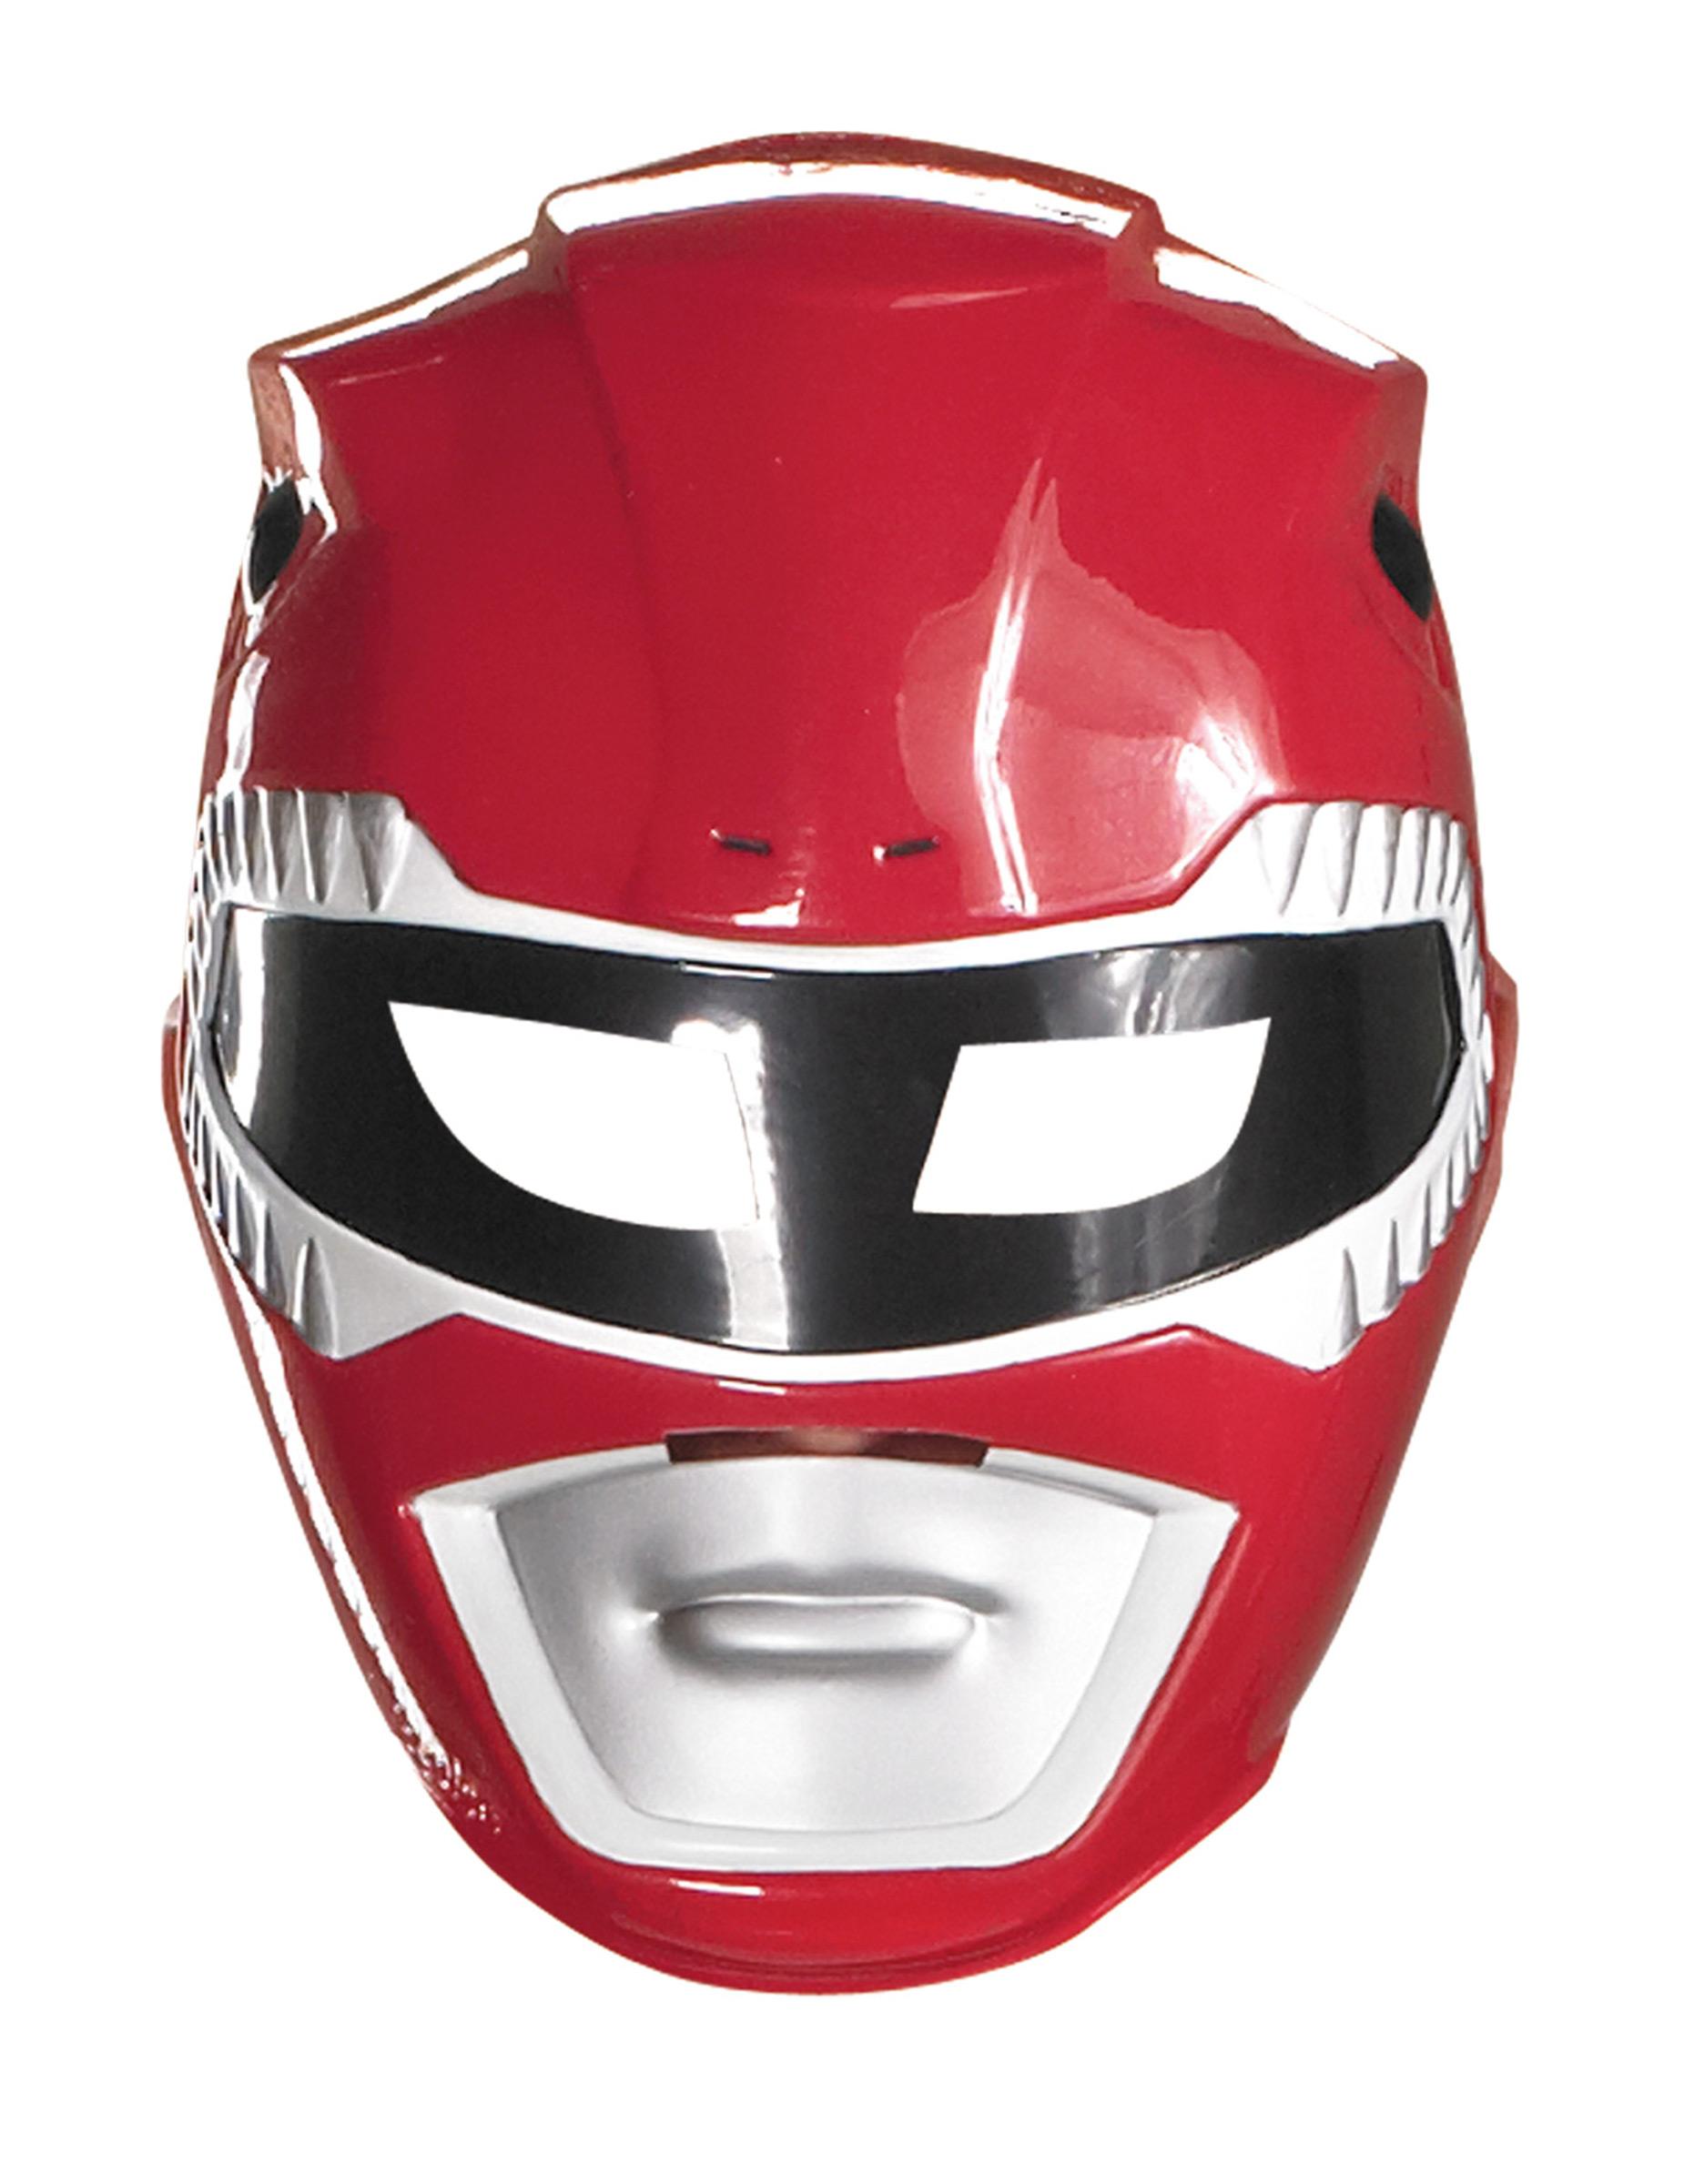 Masque Power Rangers™ rouge enfant, décoration